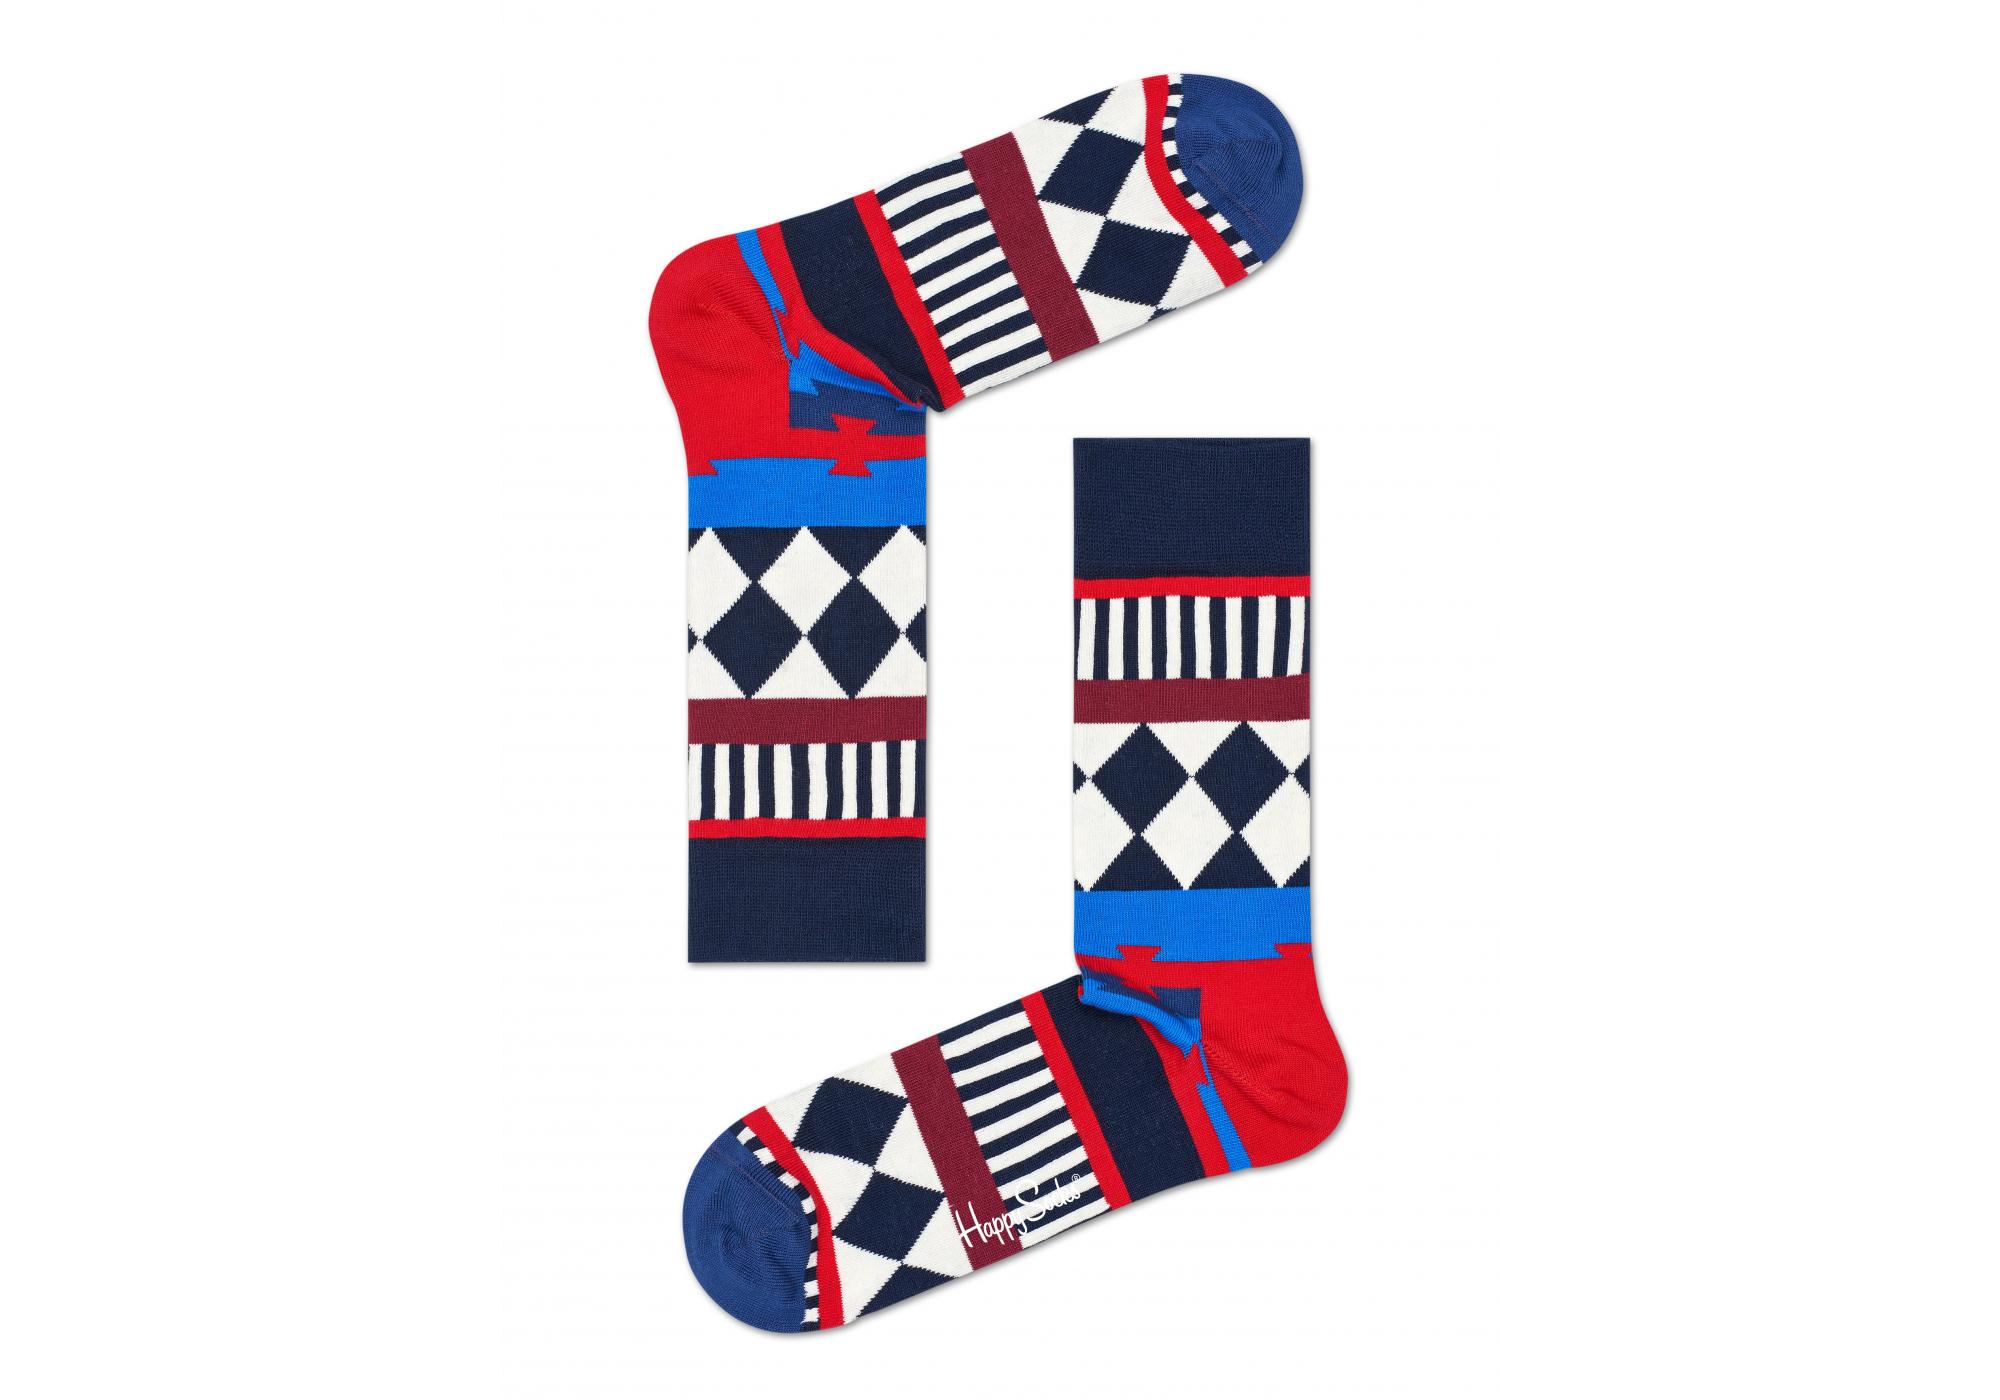 be665c22f13 Barevné ponožky Happy Socks se vzorem Disco Tribe - 2015    10 YEARS  ANNIVERSARY